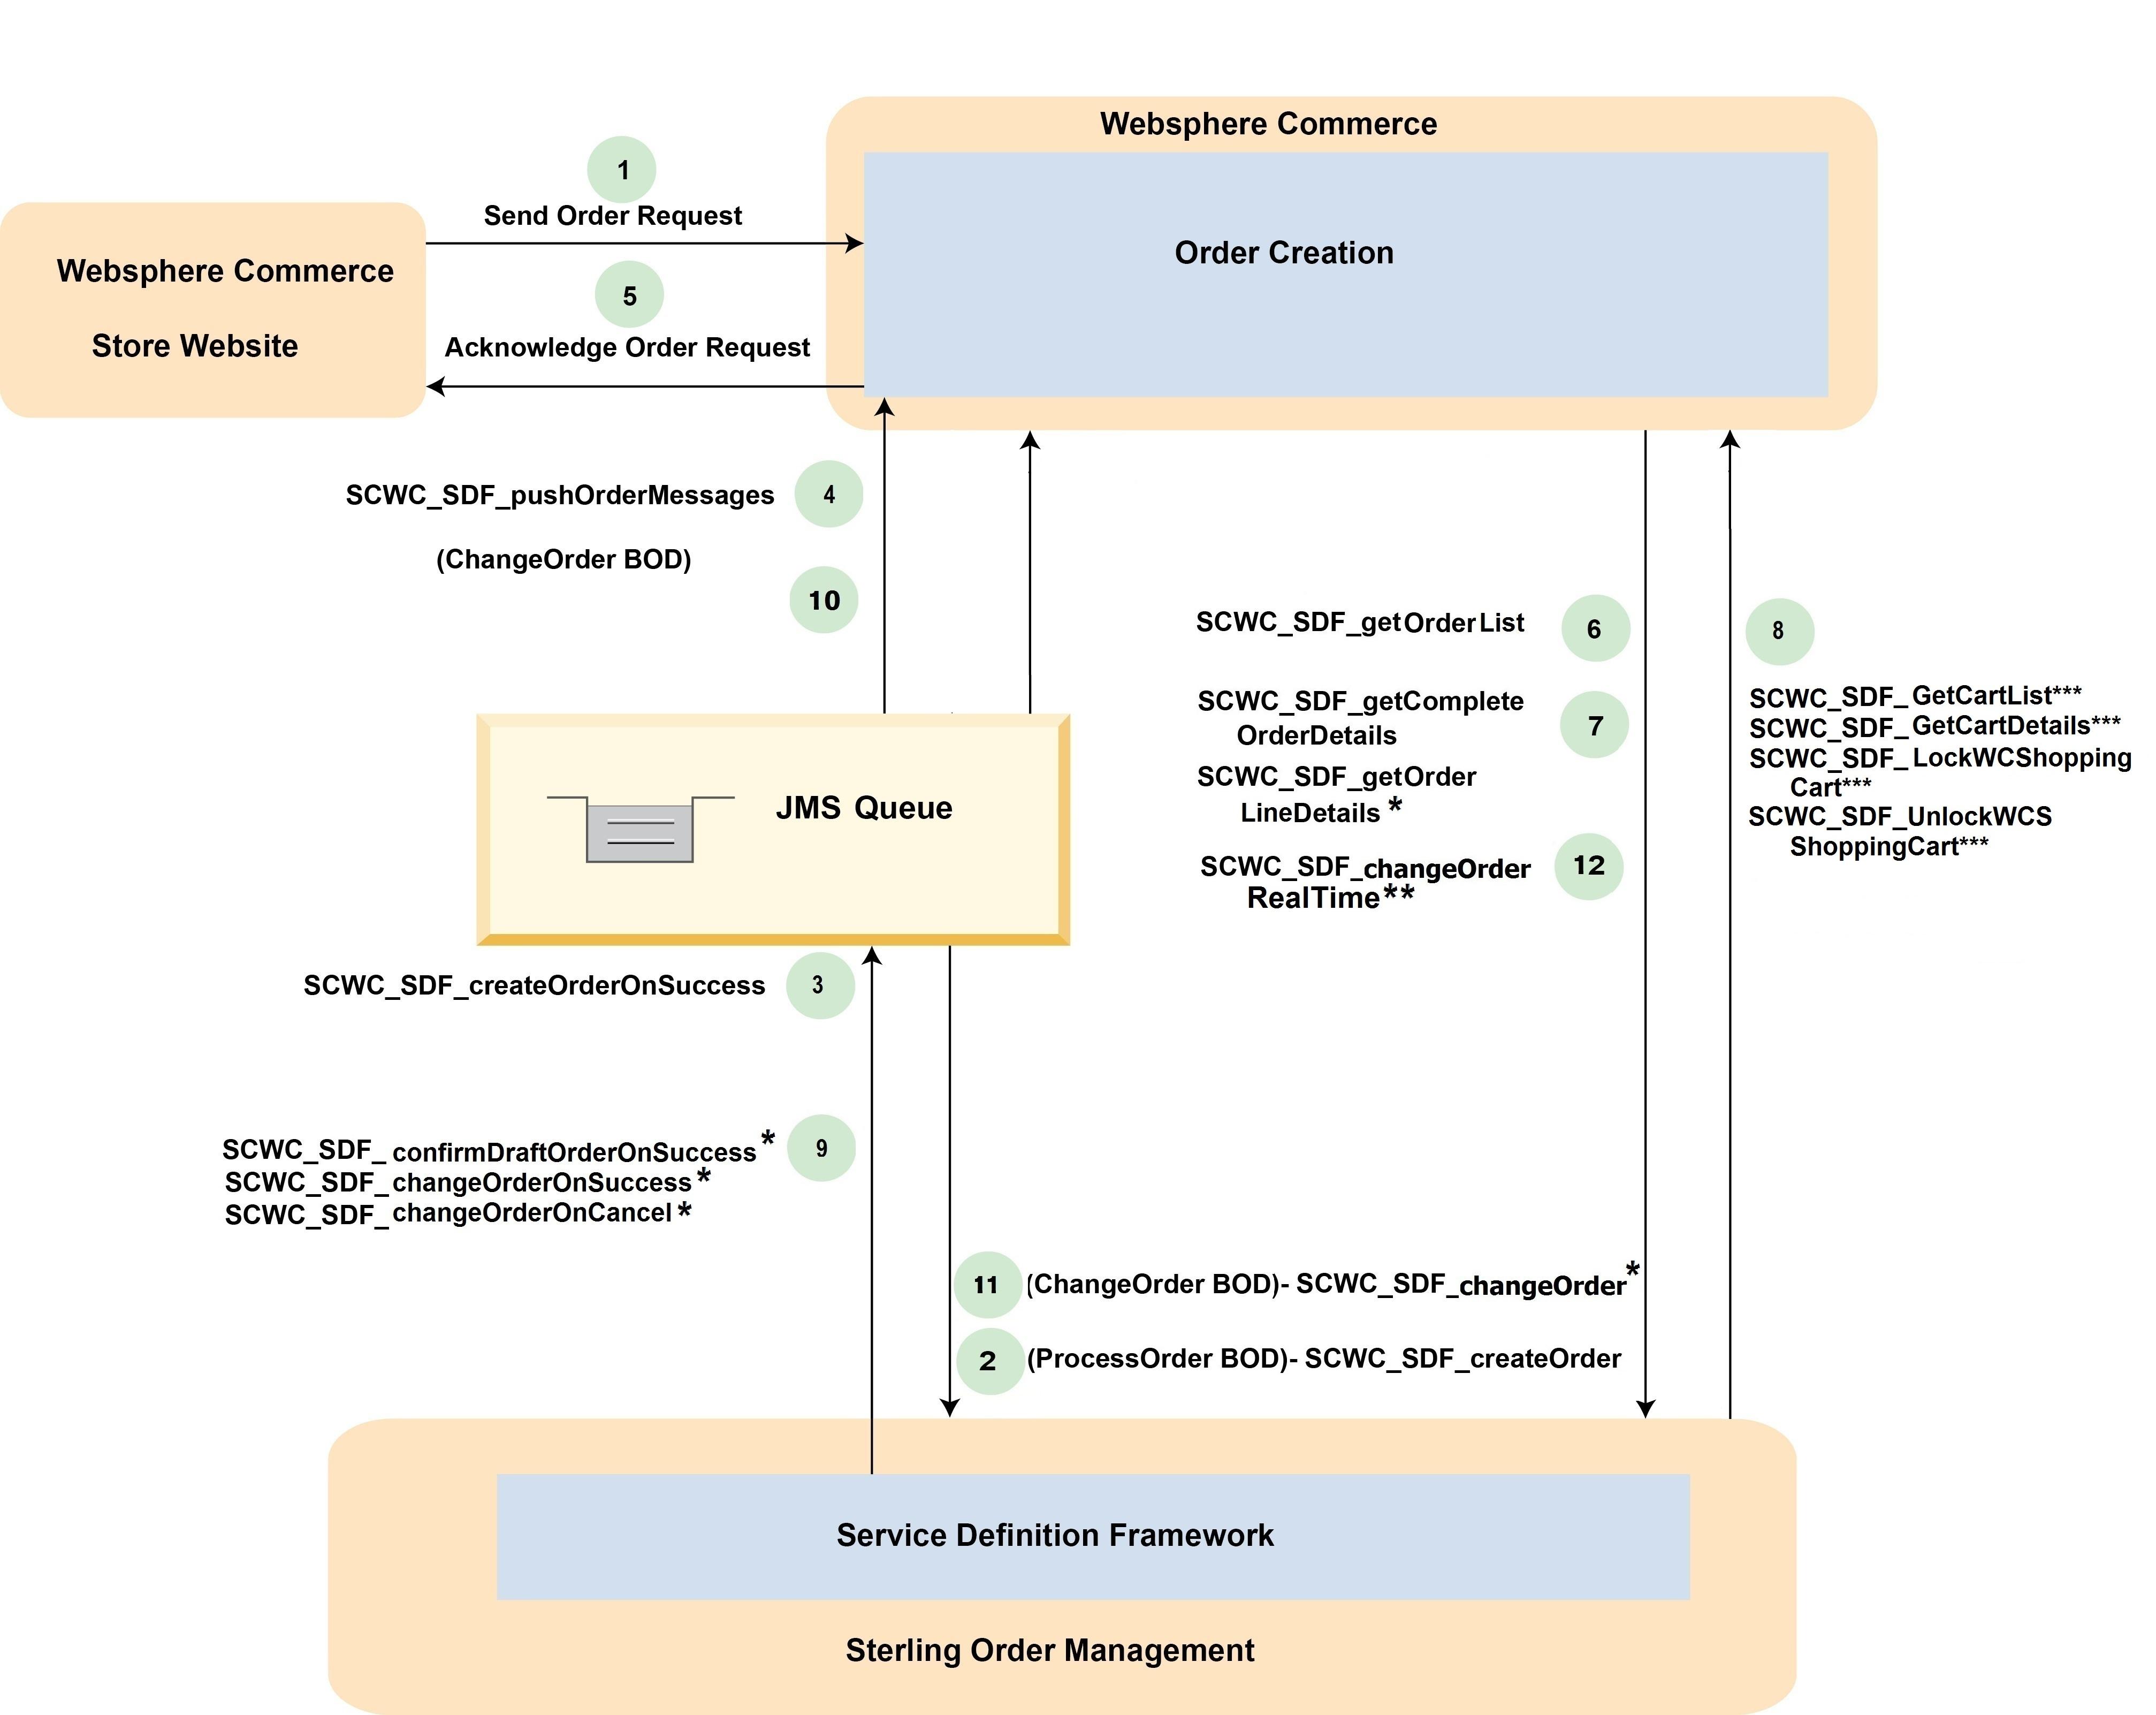 Overview of the order process flow between IBM WebSphere